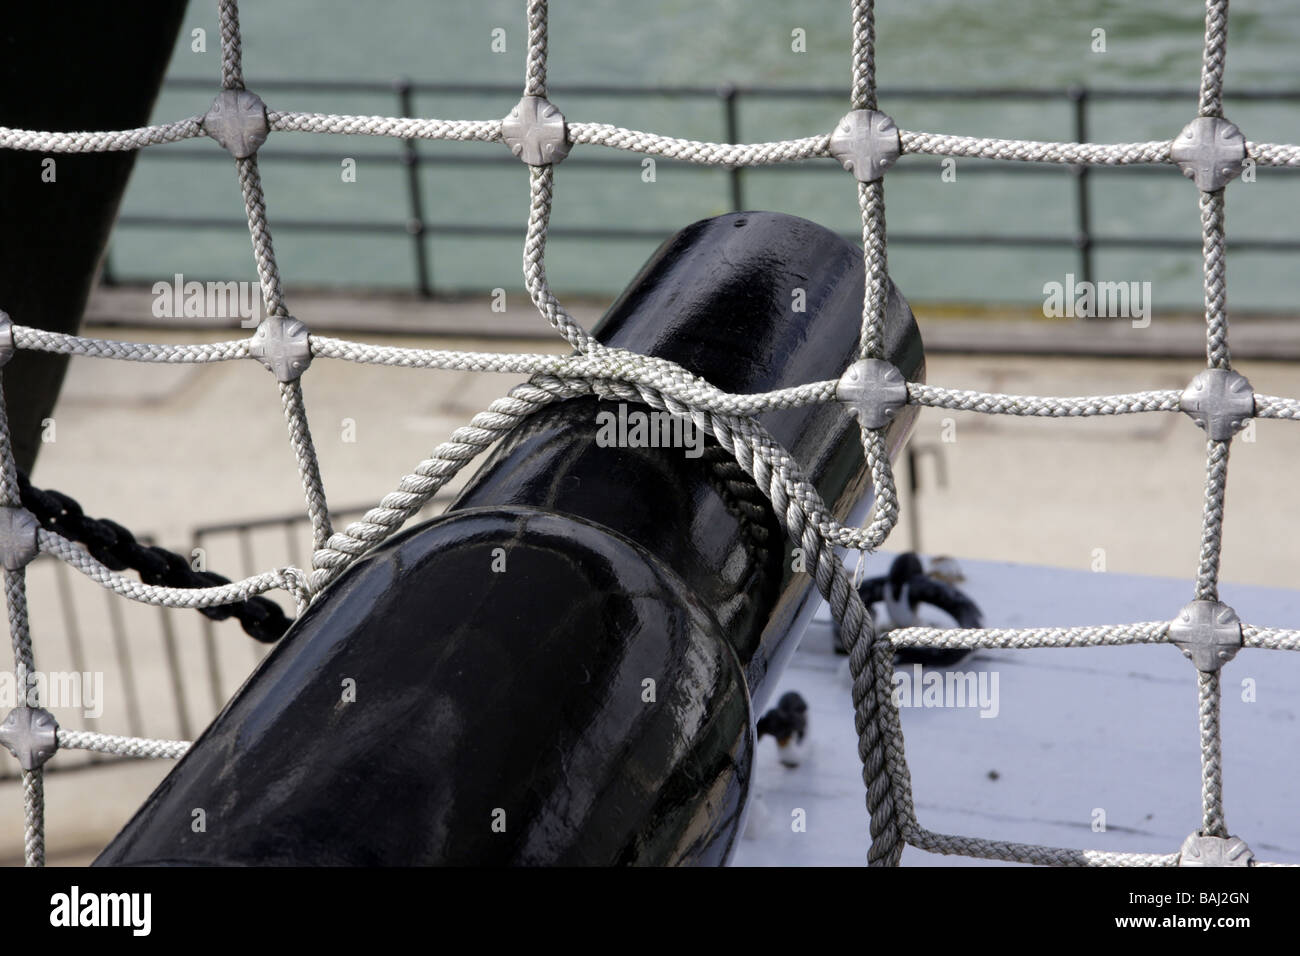 Deck seamen stockfotos deck seamen bilder alamy